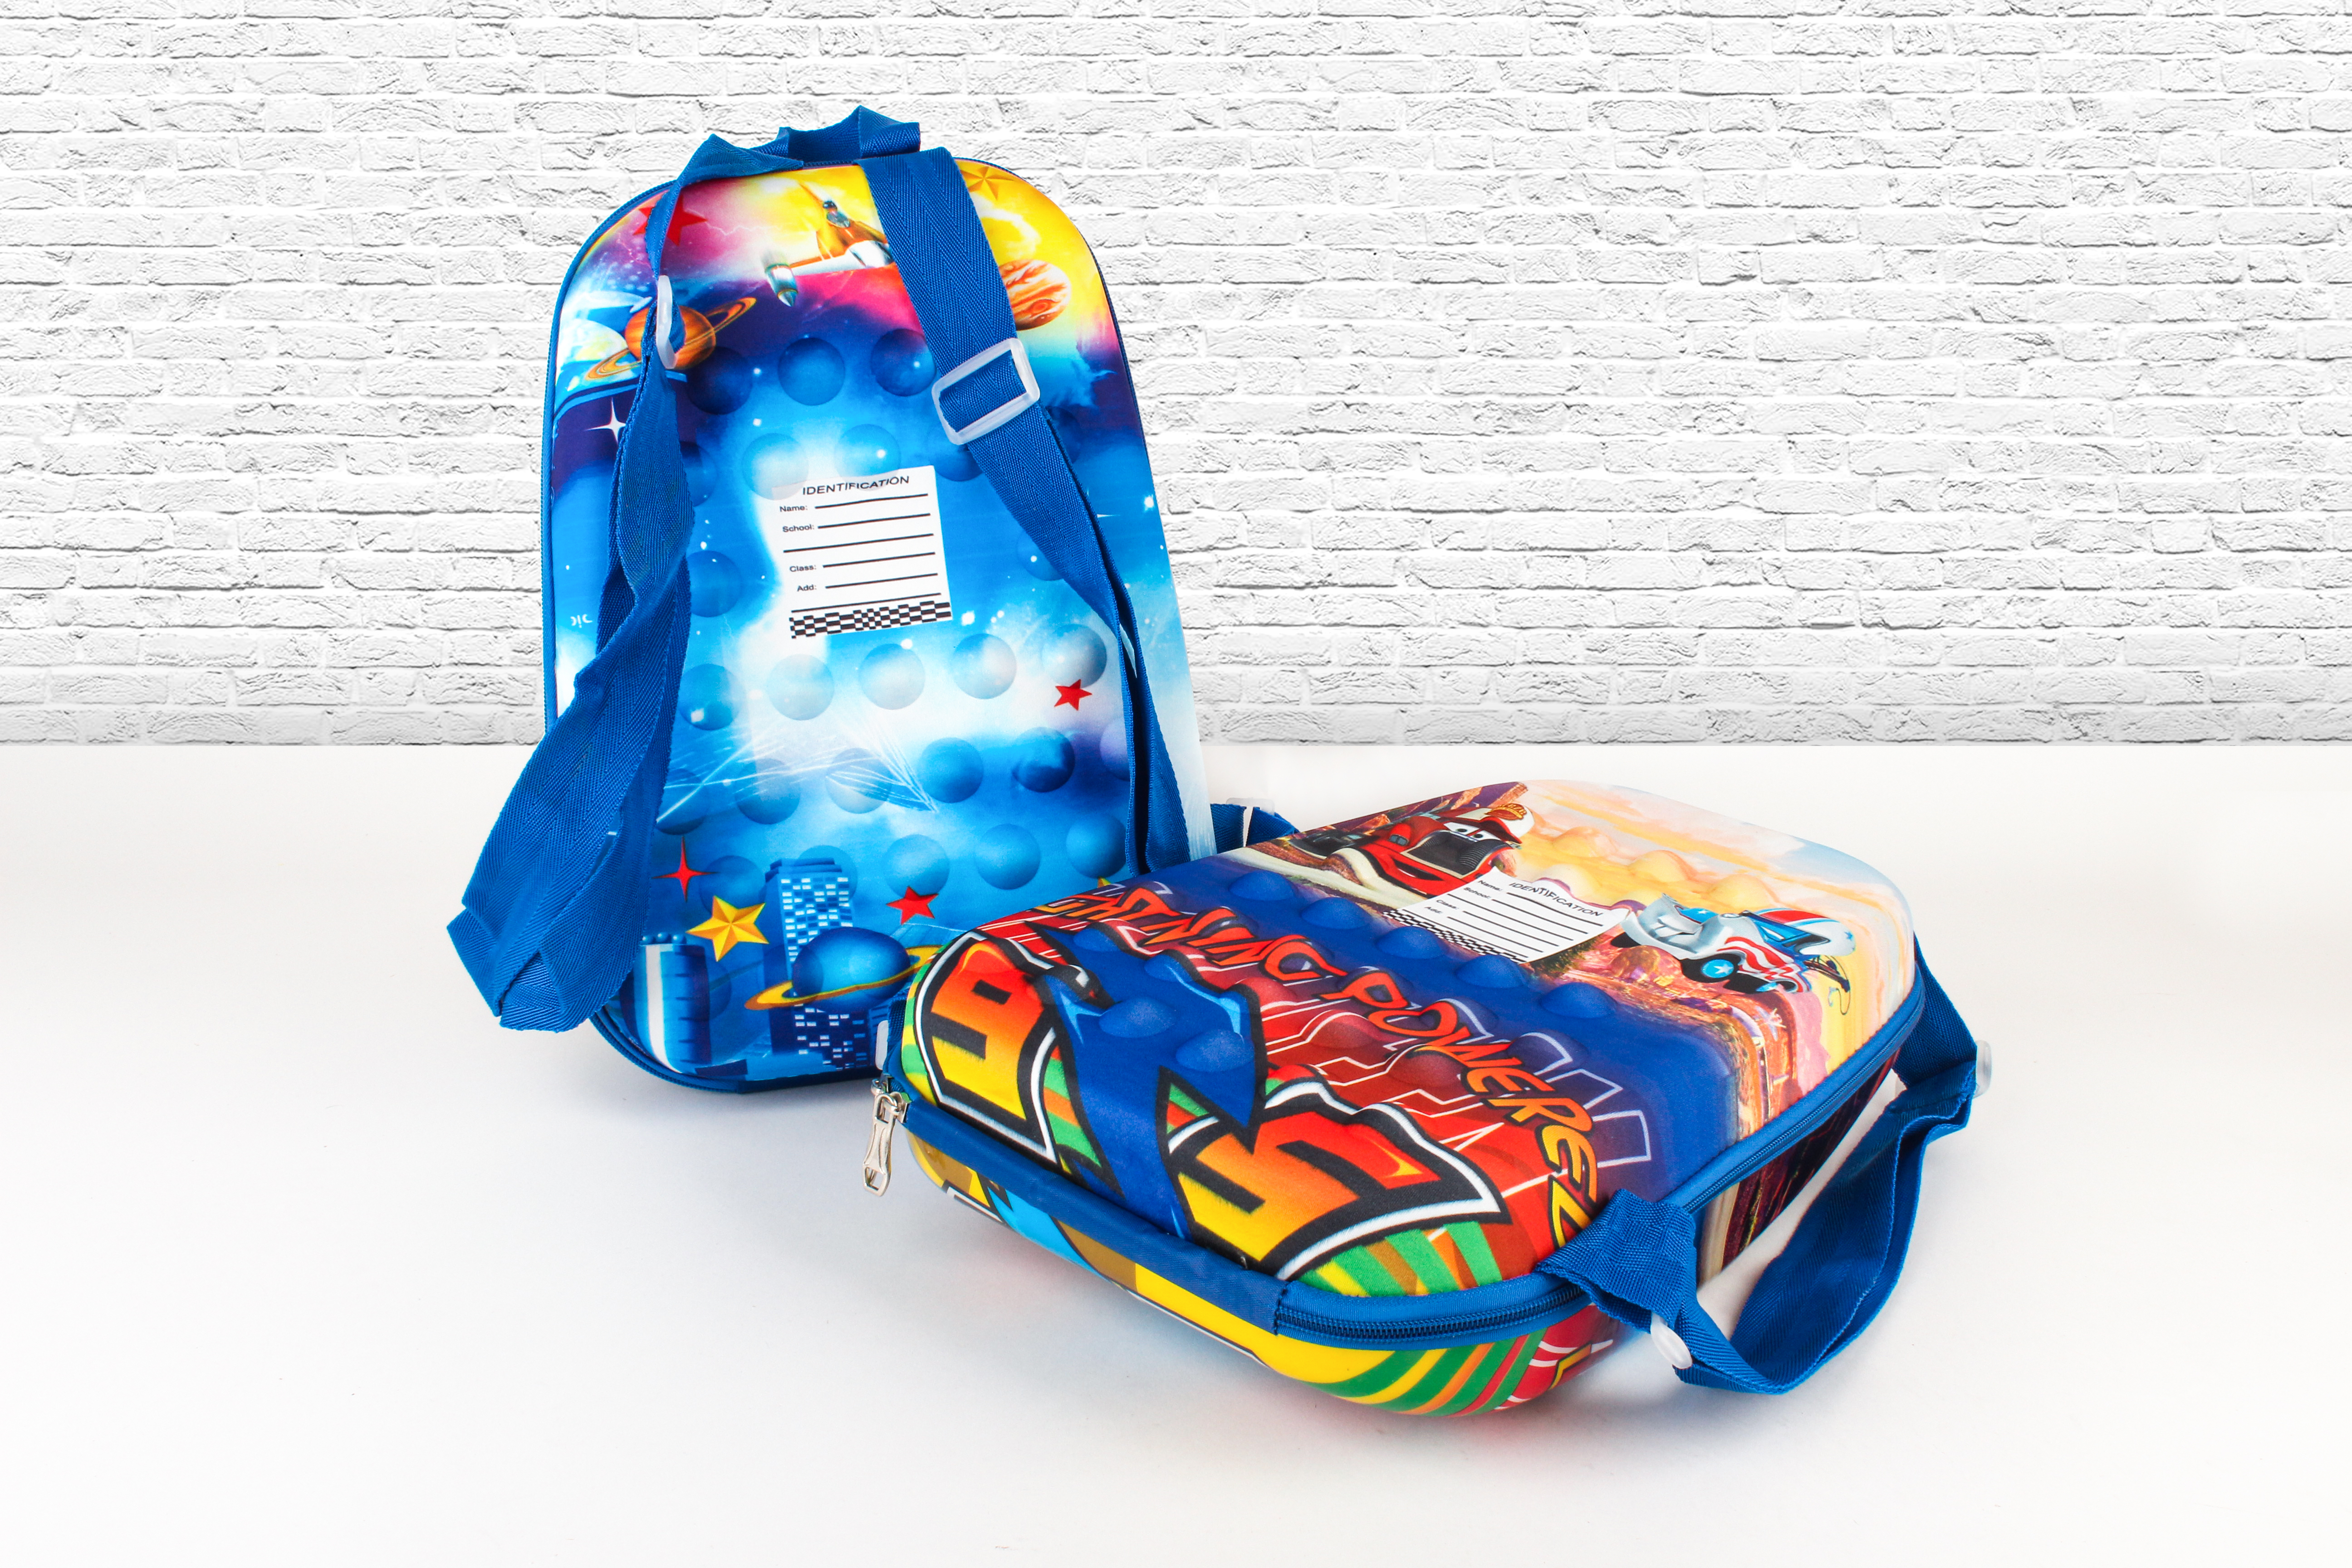 23fa667a3f8f Детские сумки оптом – достаточно обширная категория товара с большим  количеством моделей и принтов. В LaPrida среди всего этого разнообразия вы  наверняка ...